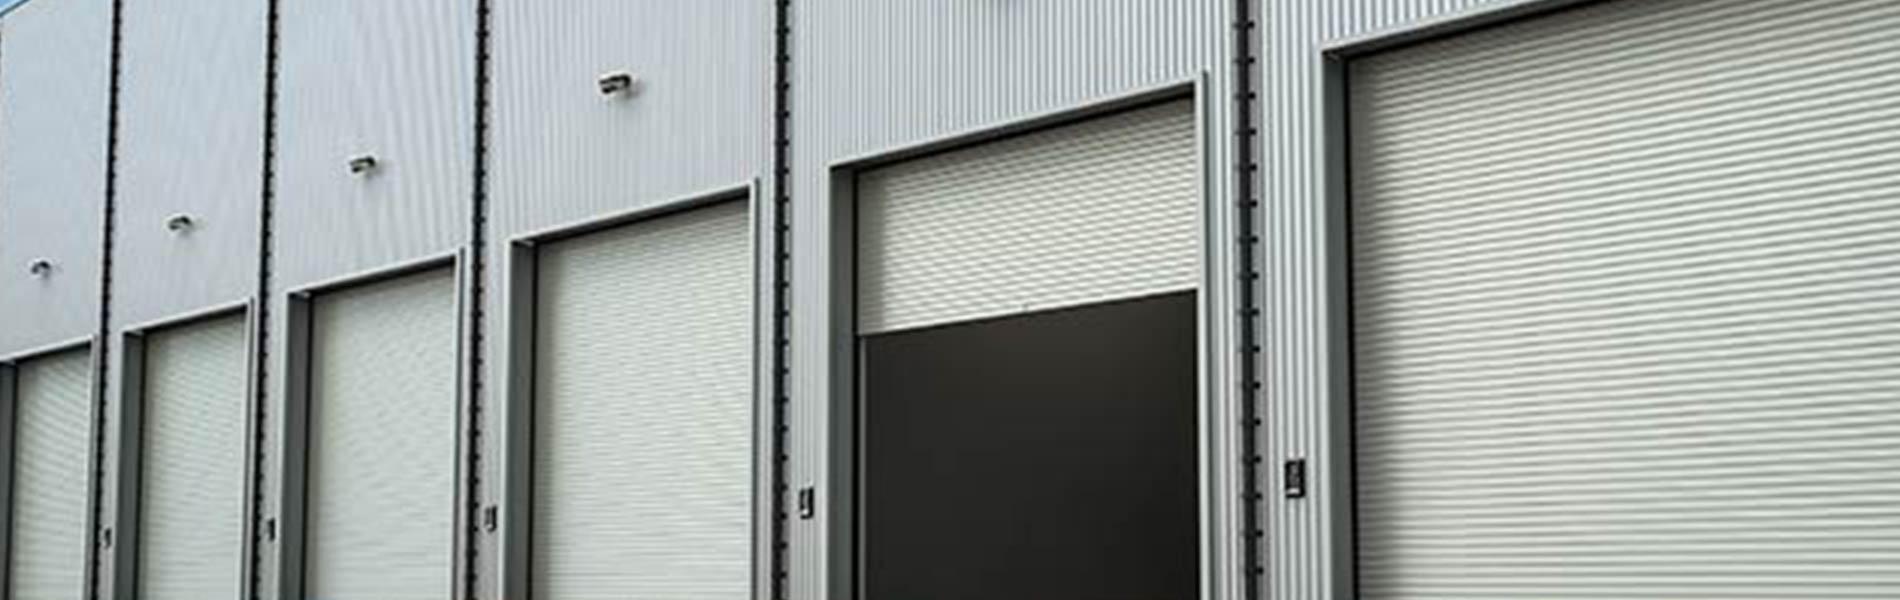 Neighborhood Garage Door Service Garage Door Opener Store